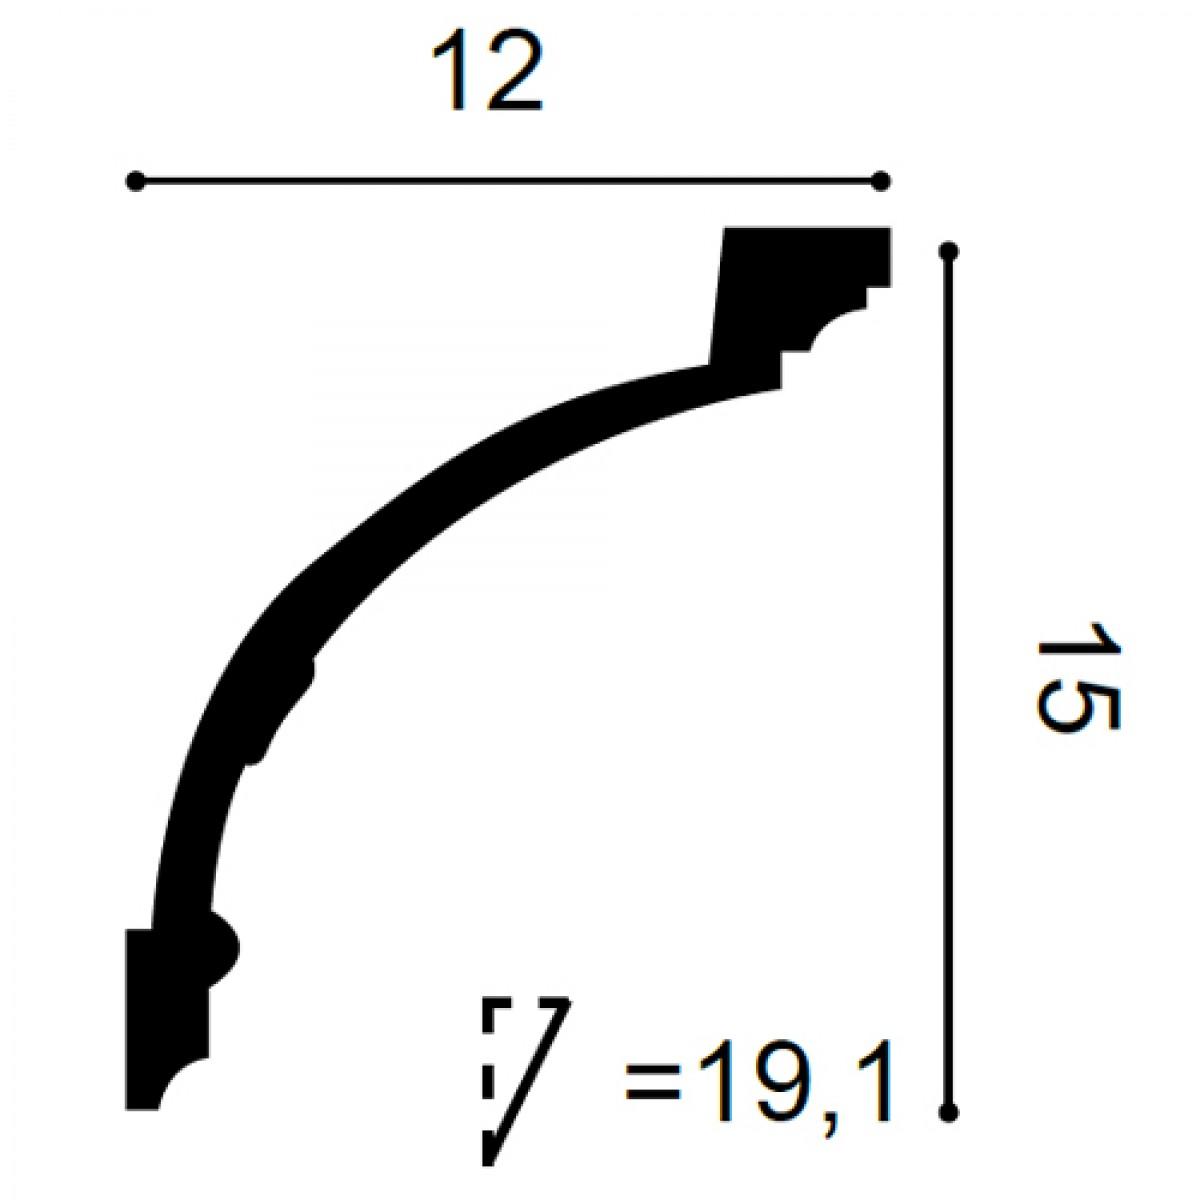 Cornisa Luxxus C218, Dimensiuni: 200 X 15 X 12 cm, Orac Decor